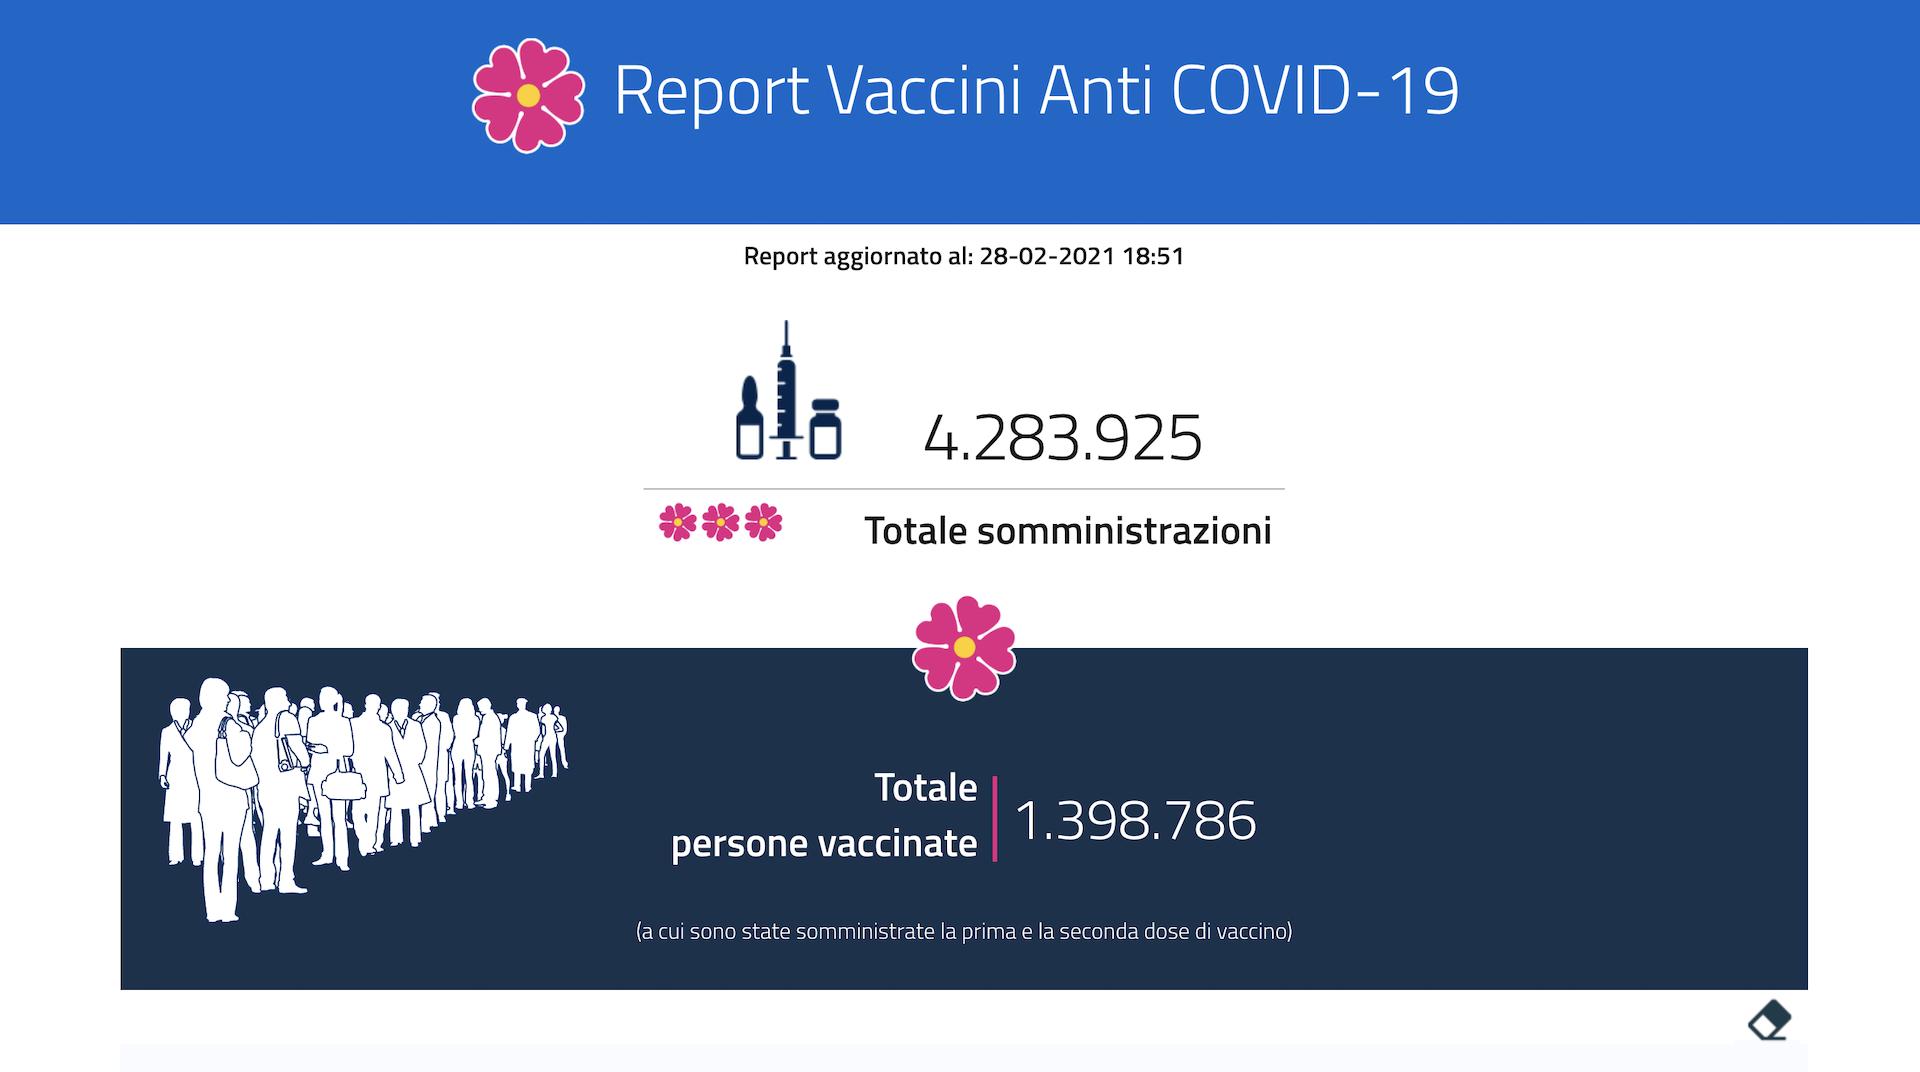 Vaccini, somministrate oltre 4,2 milioni di dosi. Previsto ad aprile l'arrivo di Johnson & Johnson